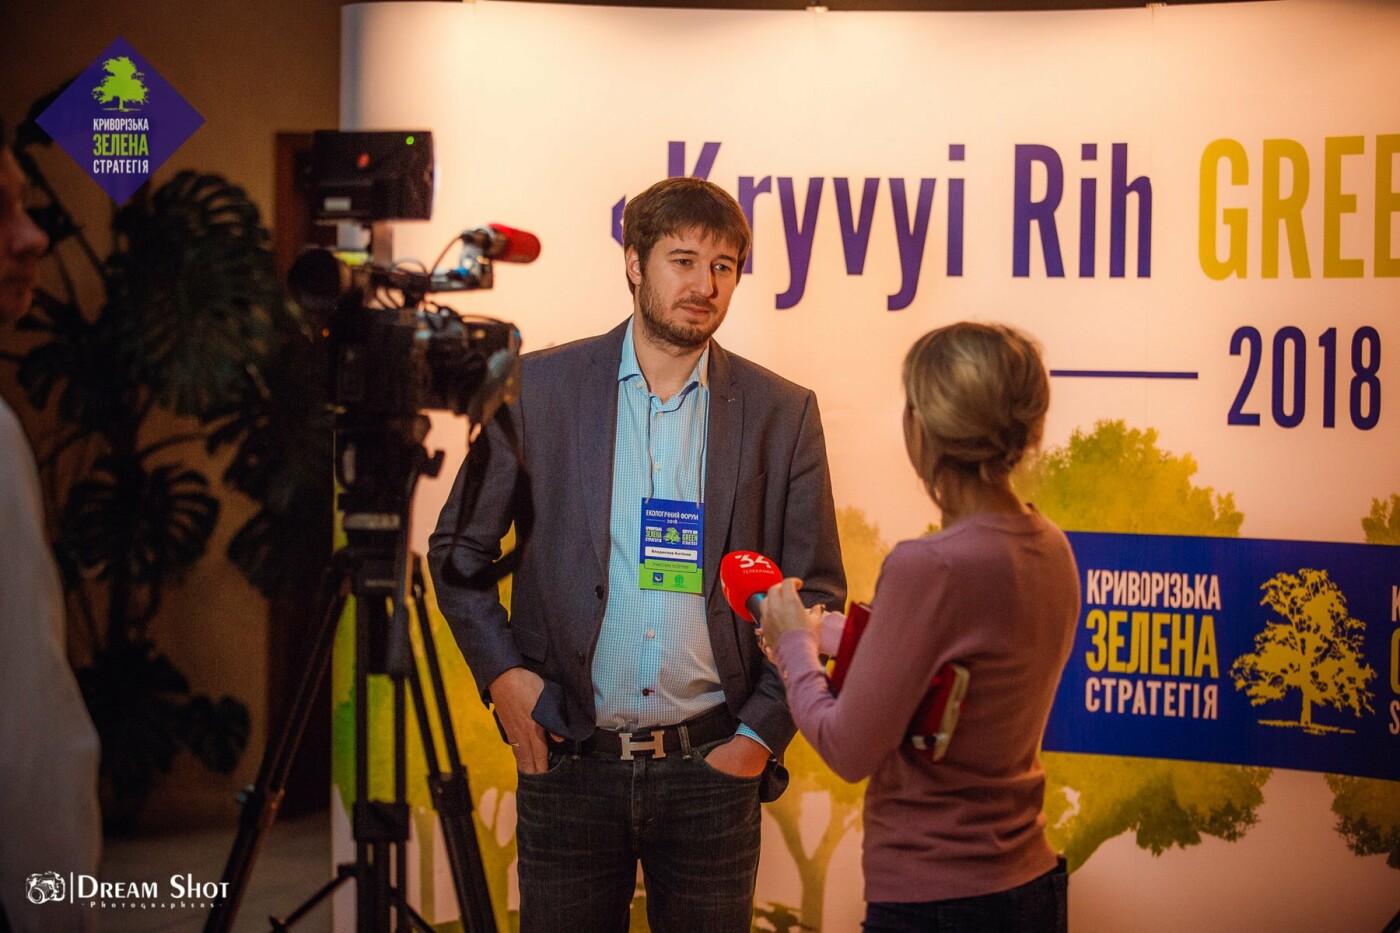 Эксперты со всей страны предложили Кривому Рогу пути решения экологических проблем на форуме Kryvyi Rih GREEN Strategy-2018, фото-5